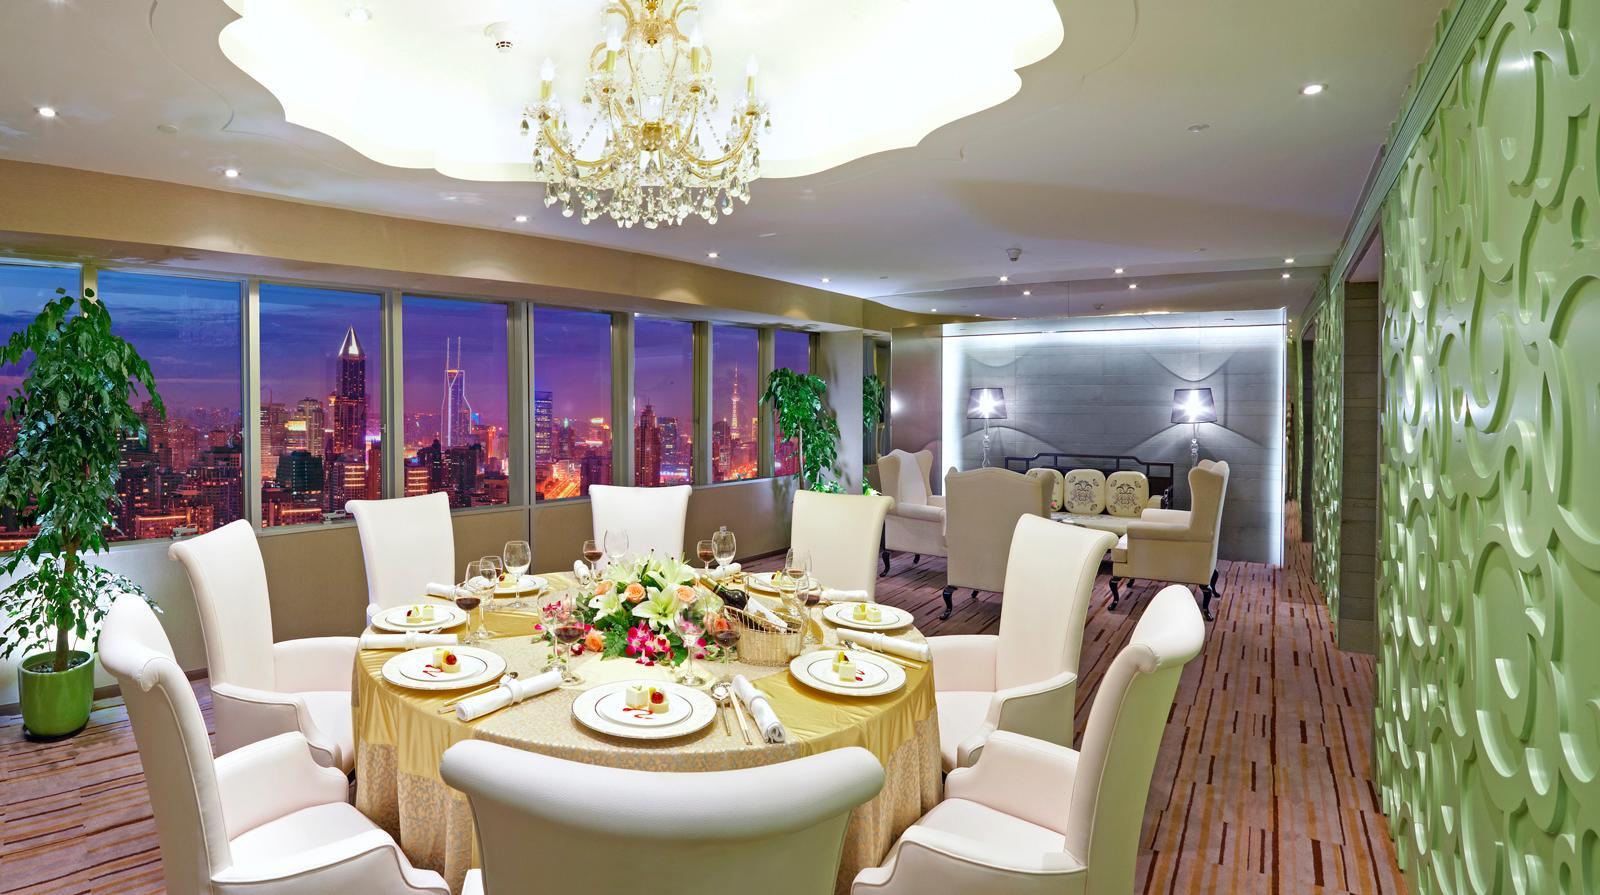 新锦江大酒店预订, 上海新锦江大酒店地址,电话,价格查询 锦江旅行家